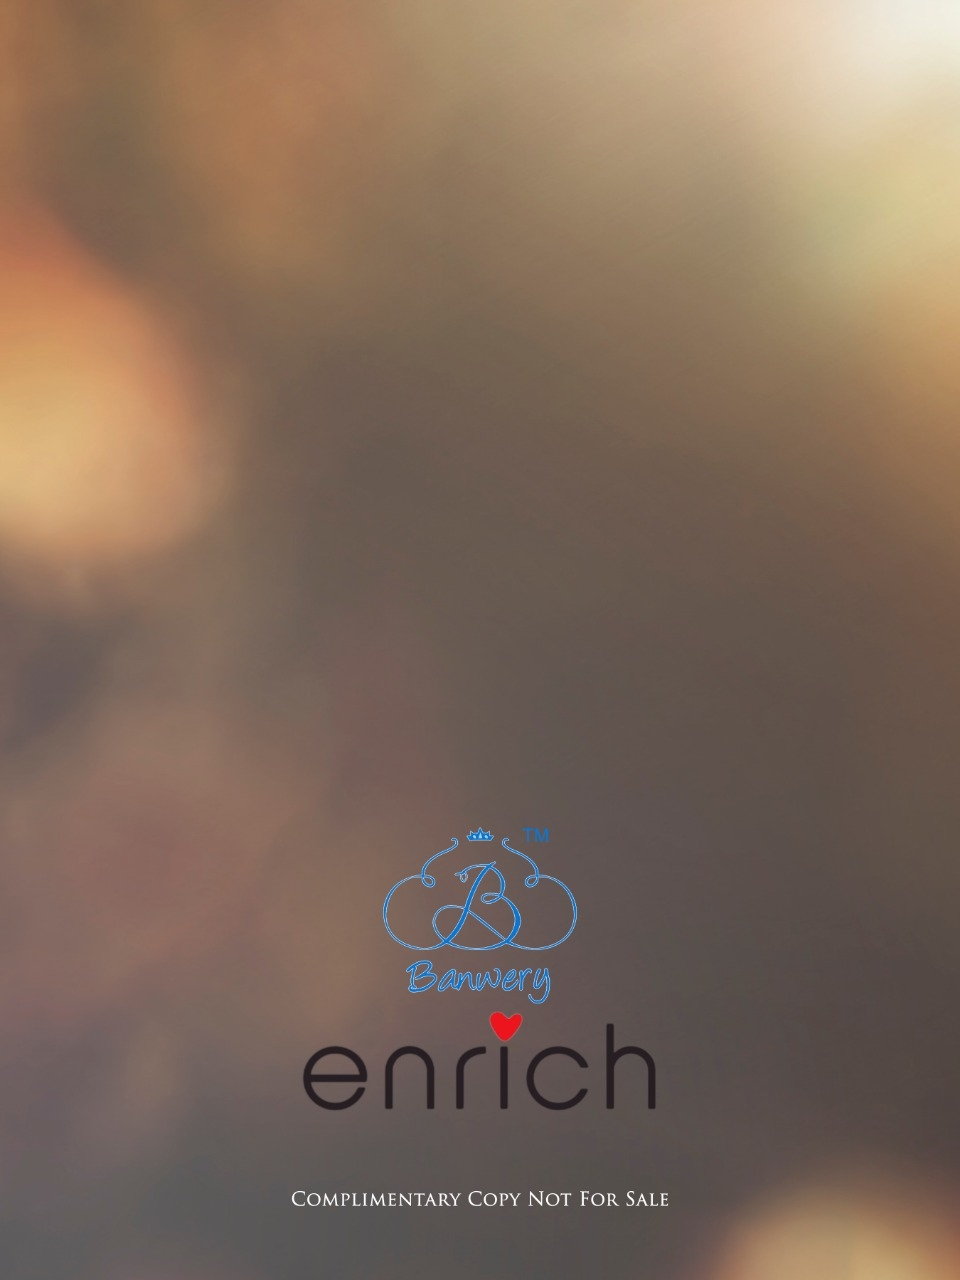 Banwery-Enrich-11